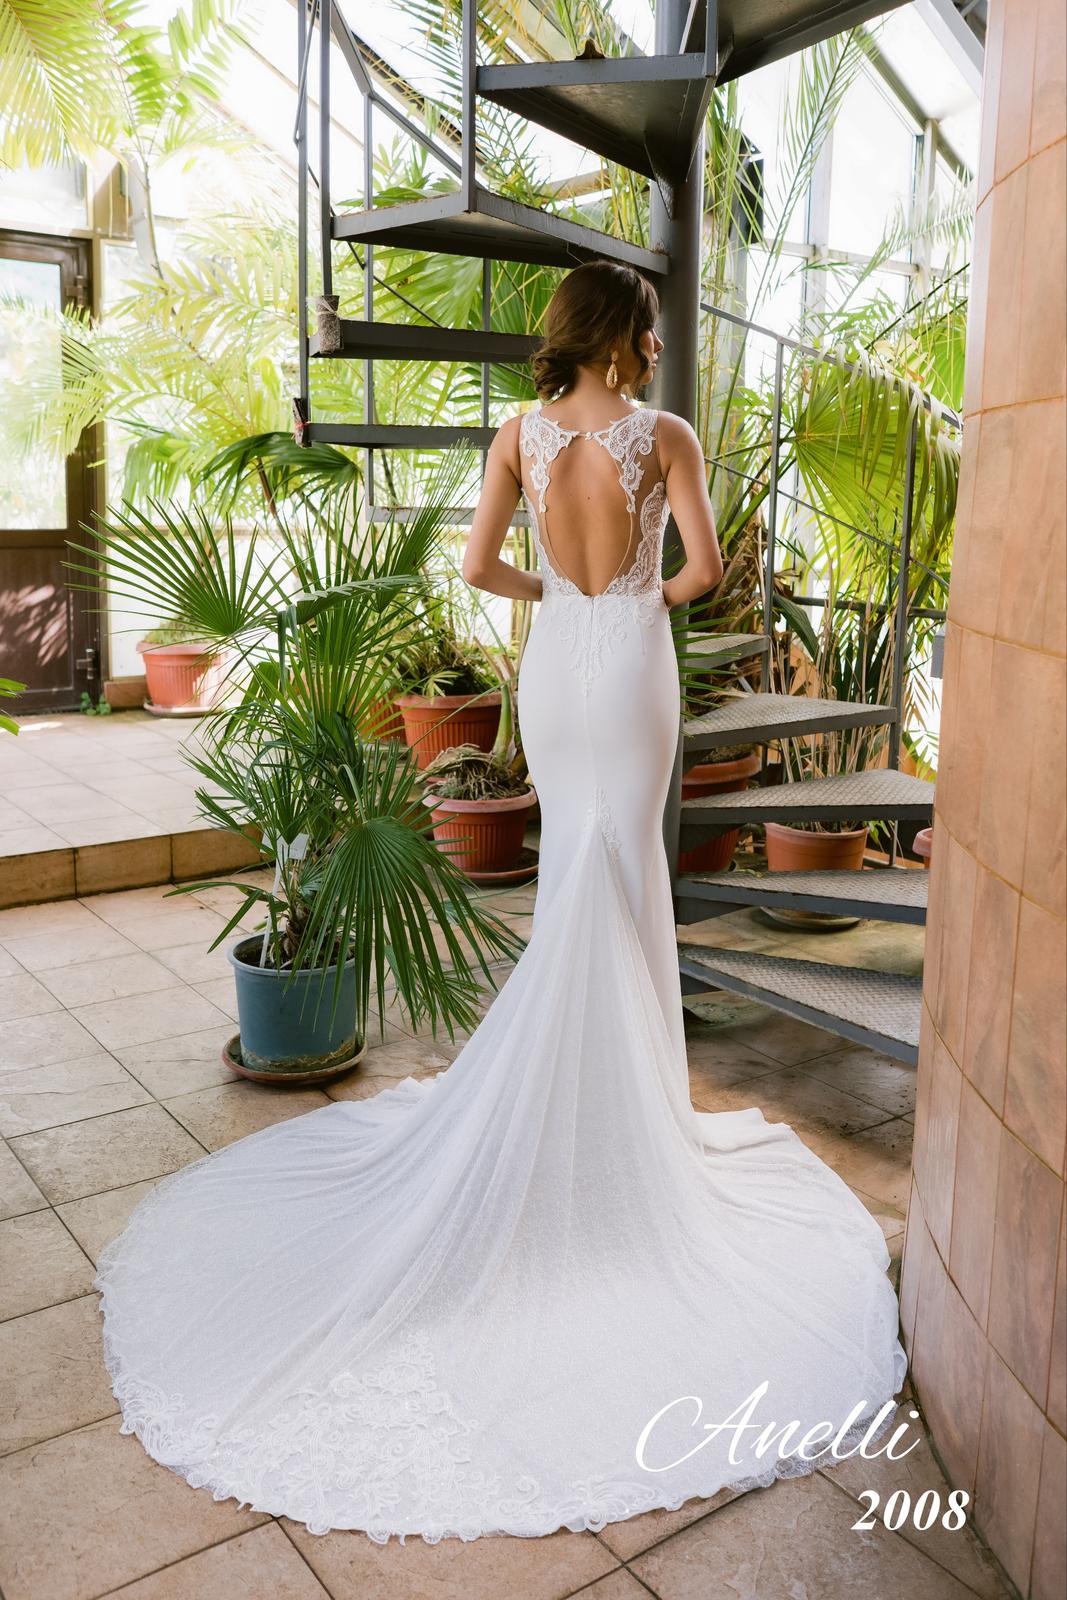 Svadobné šaty - Breeze 2008 - Obrázok č. 4